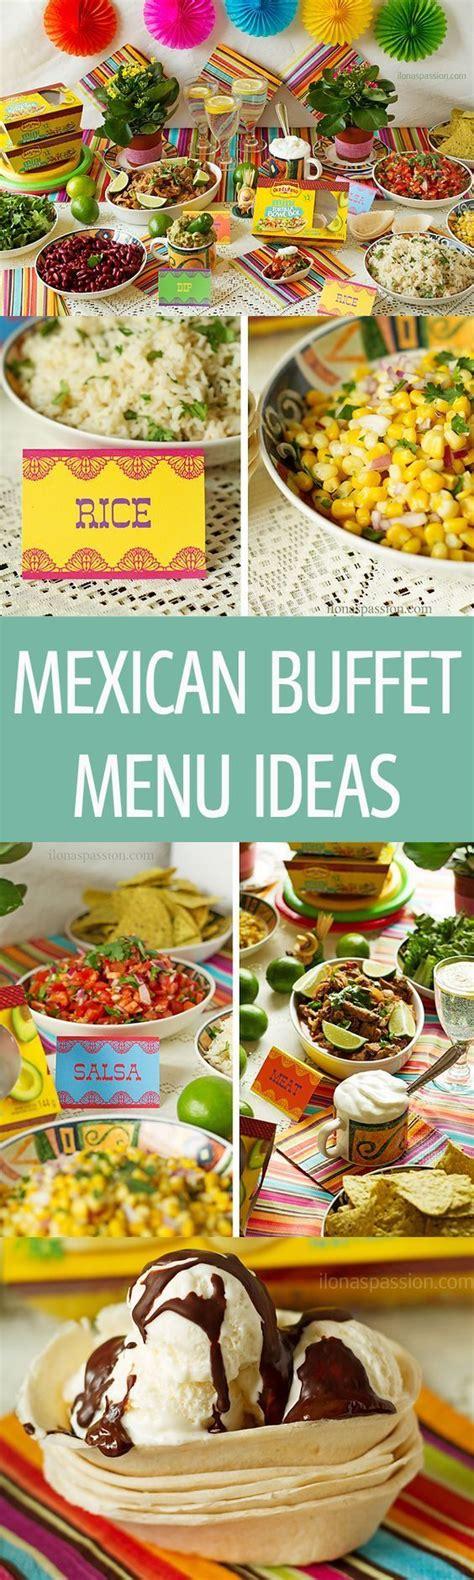 Best 25 Dinner Buffet Ideas Ideas On Pinterest Classic Buffet Dinner Ideas